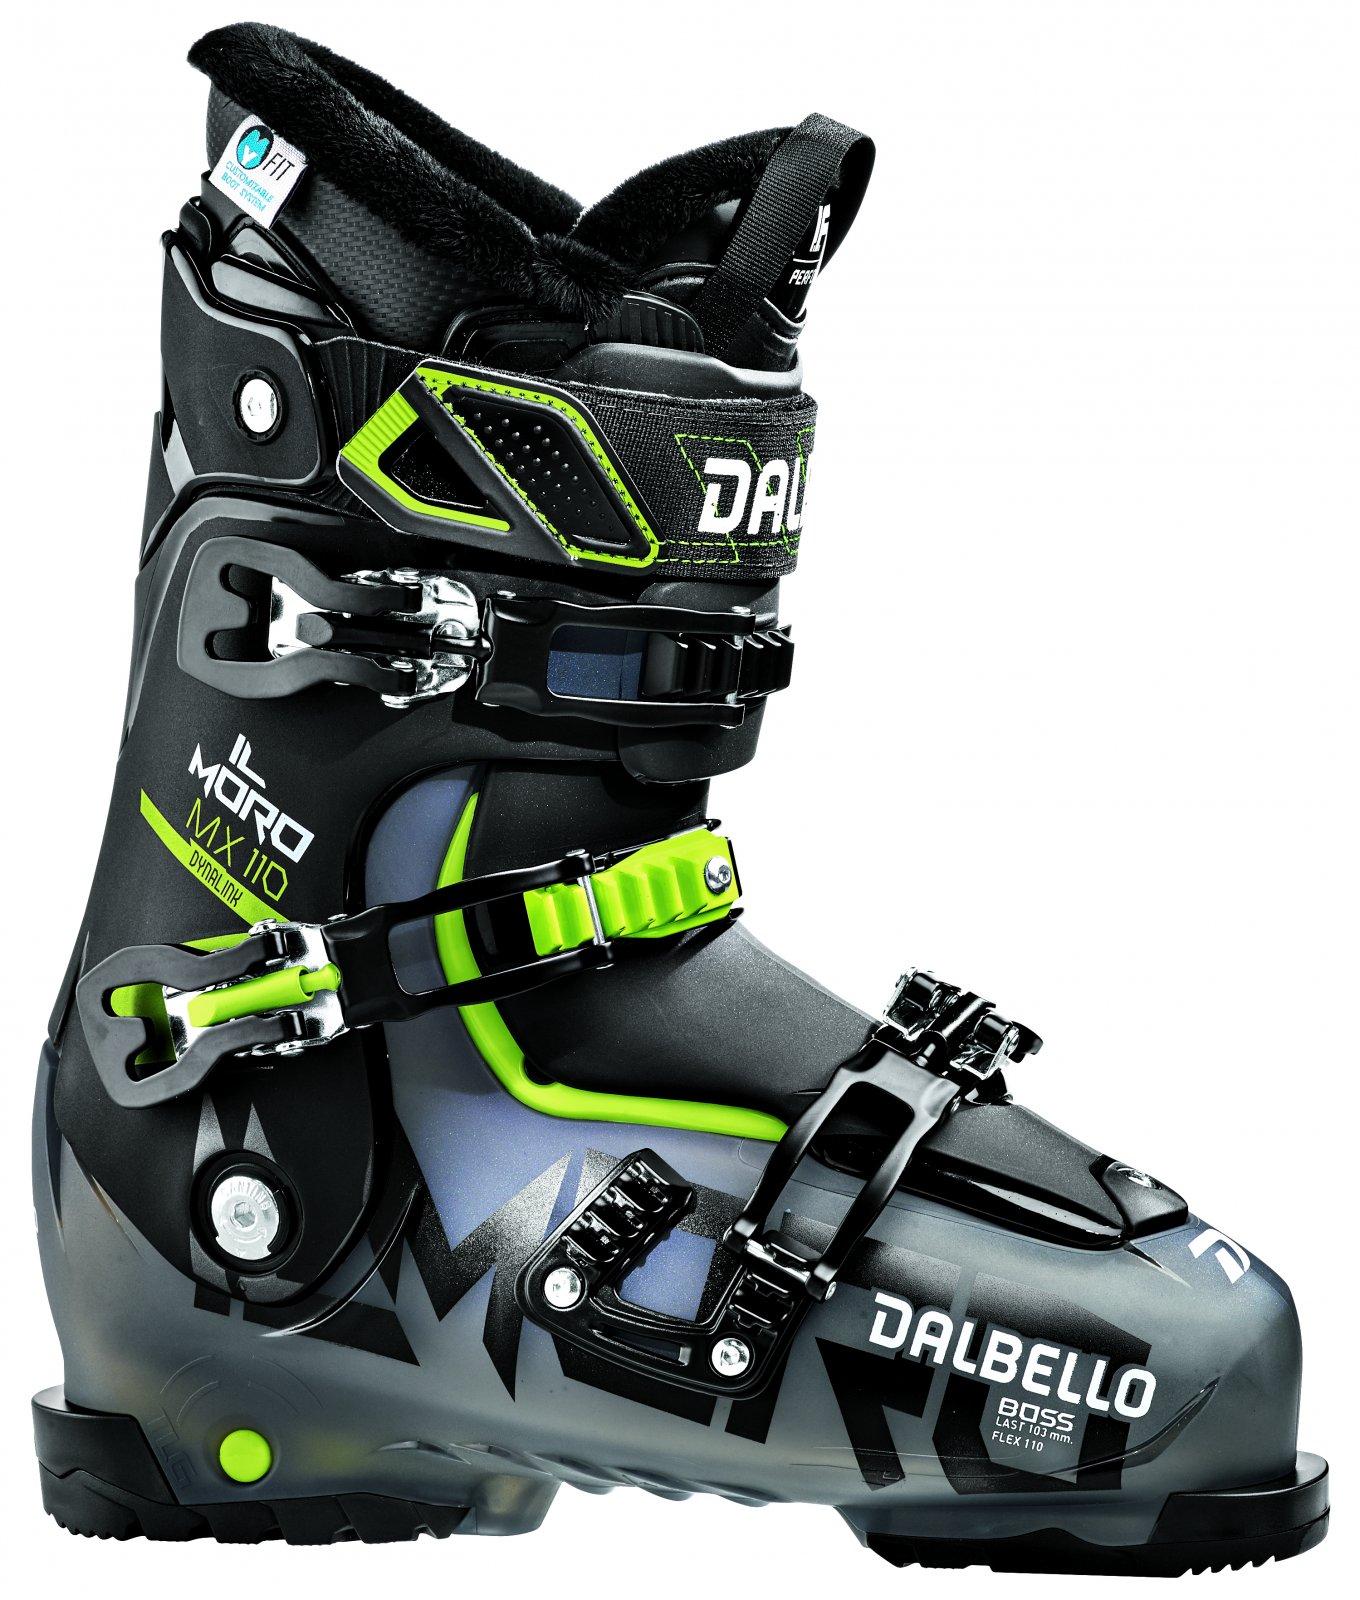 Dalbello IL Moro MX 110 Ski Boots 2020 - size 26.5